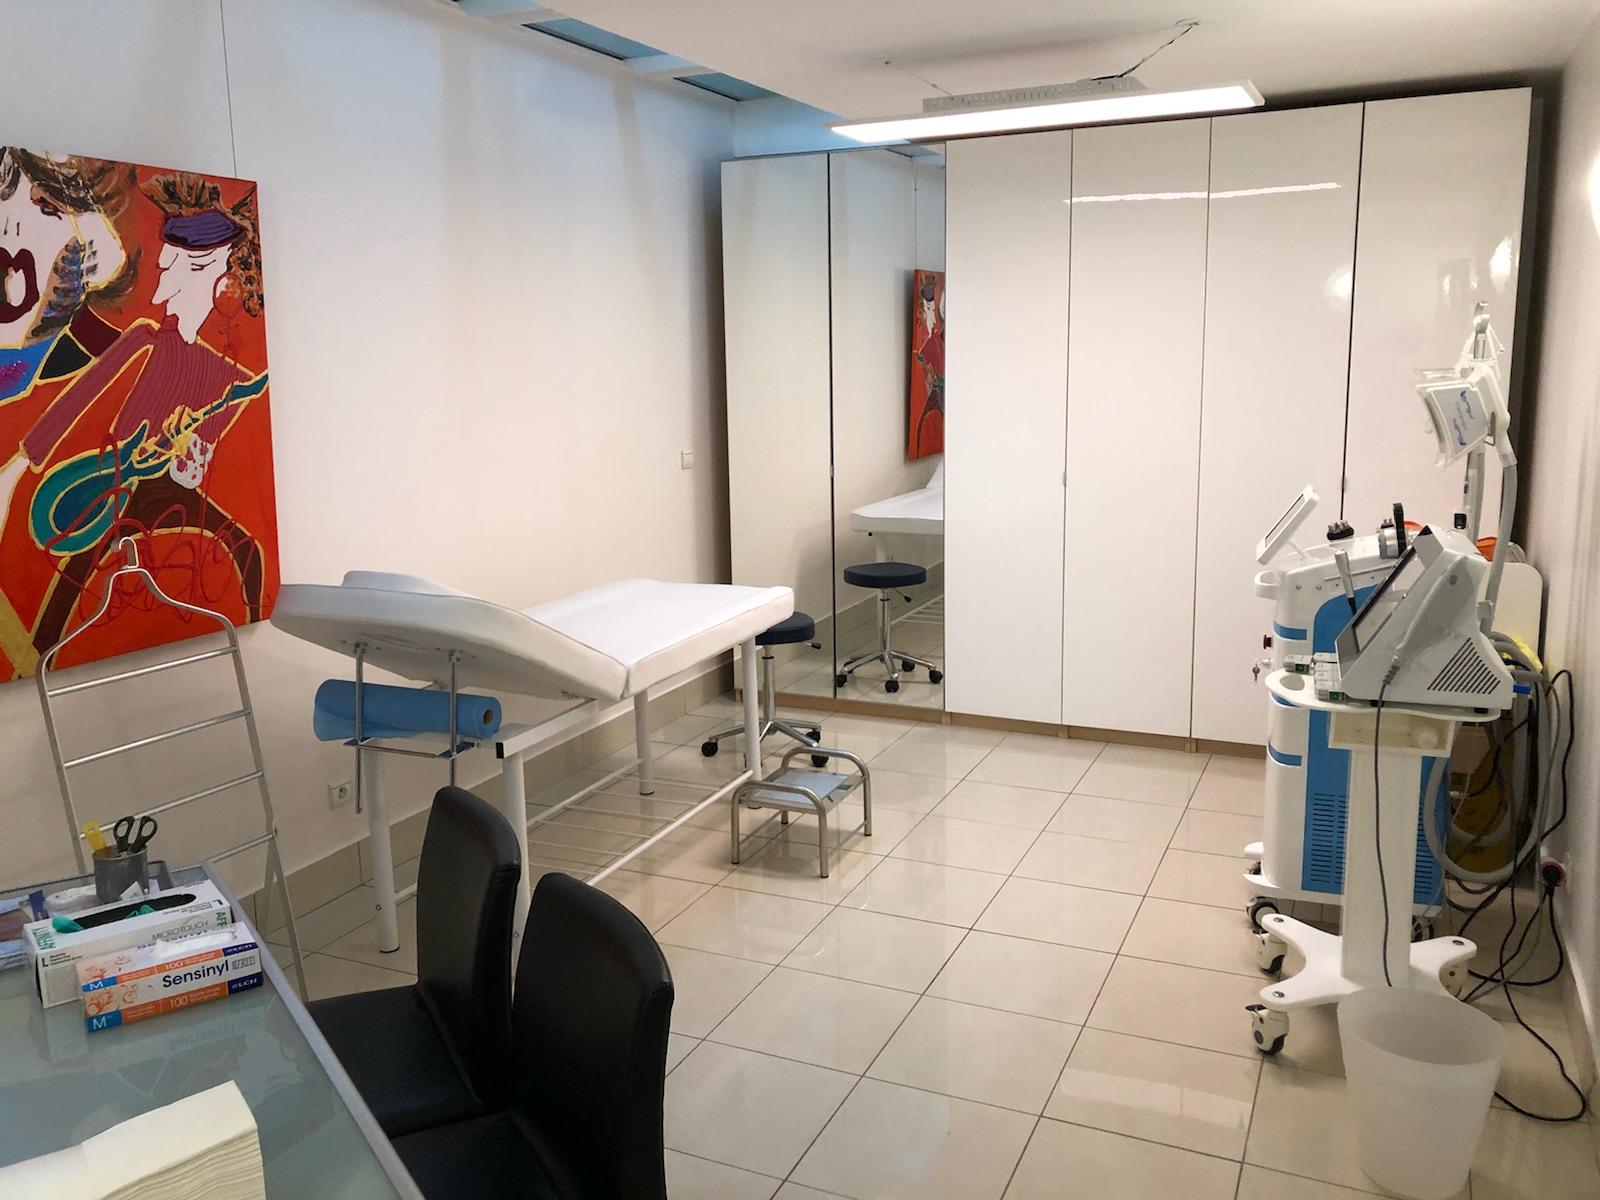 Cabinet m dical de chirurgie esth tique paris - Cabinet medical paris 13 ...